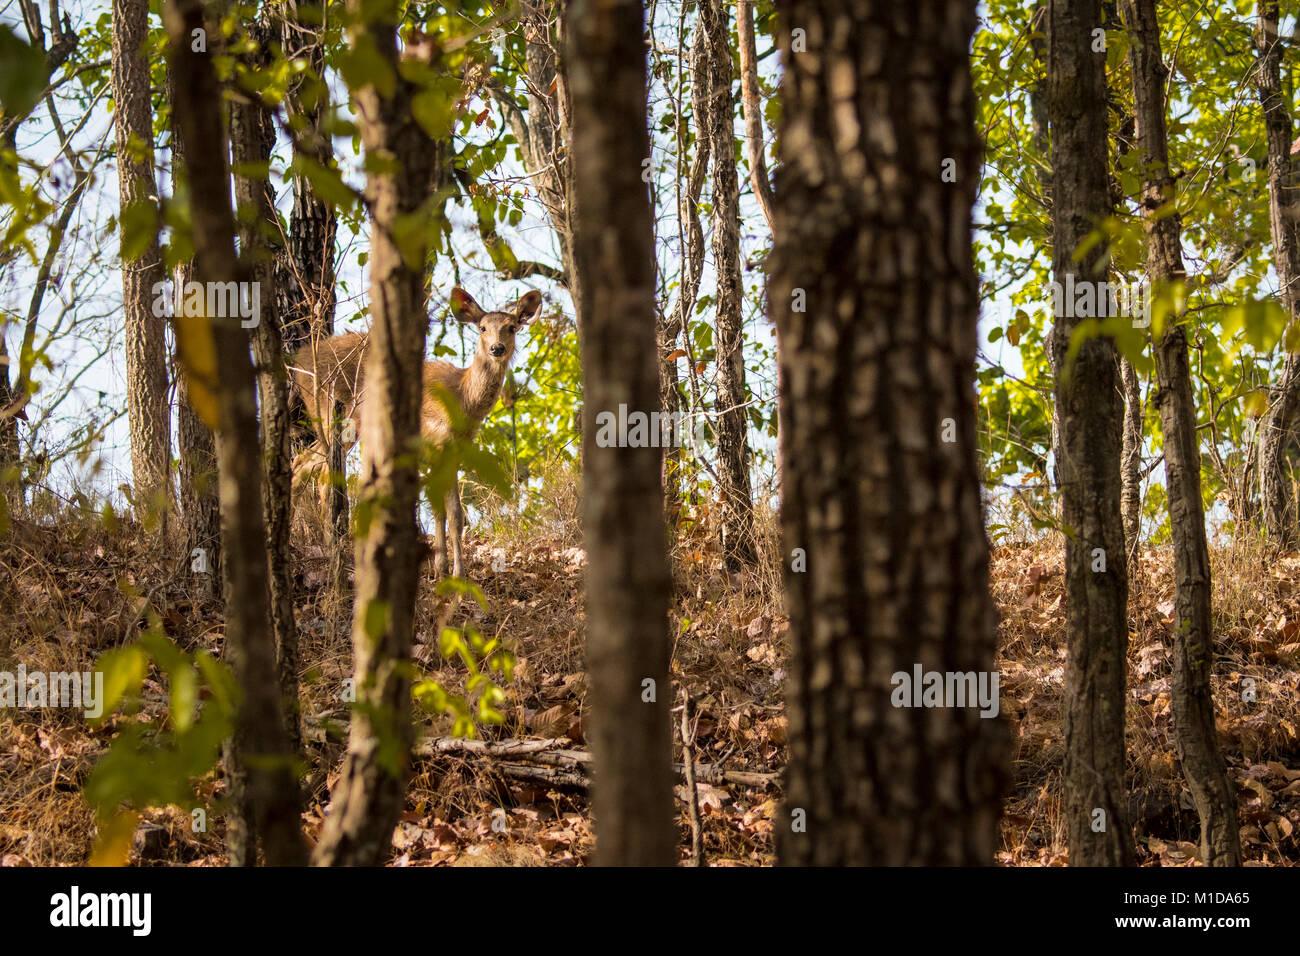 Tímido Ciervo Sambar, Rusa unicolor, mirar, Sal de detrás de los árboles en el bosque del Parque Imagen De Stock